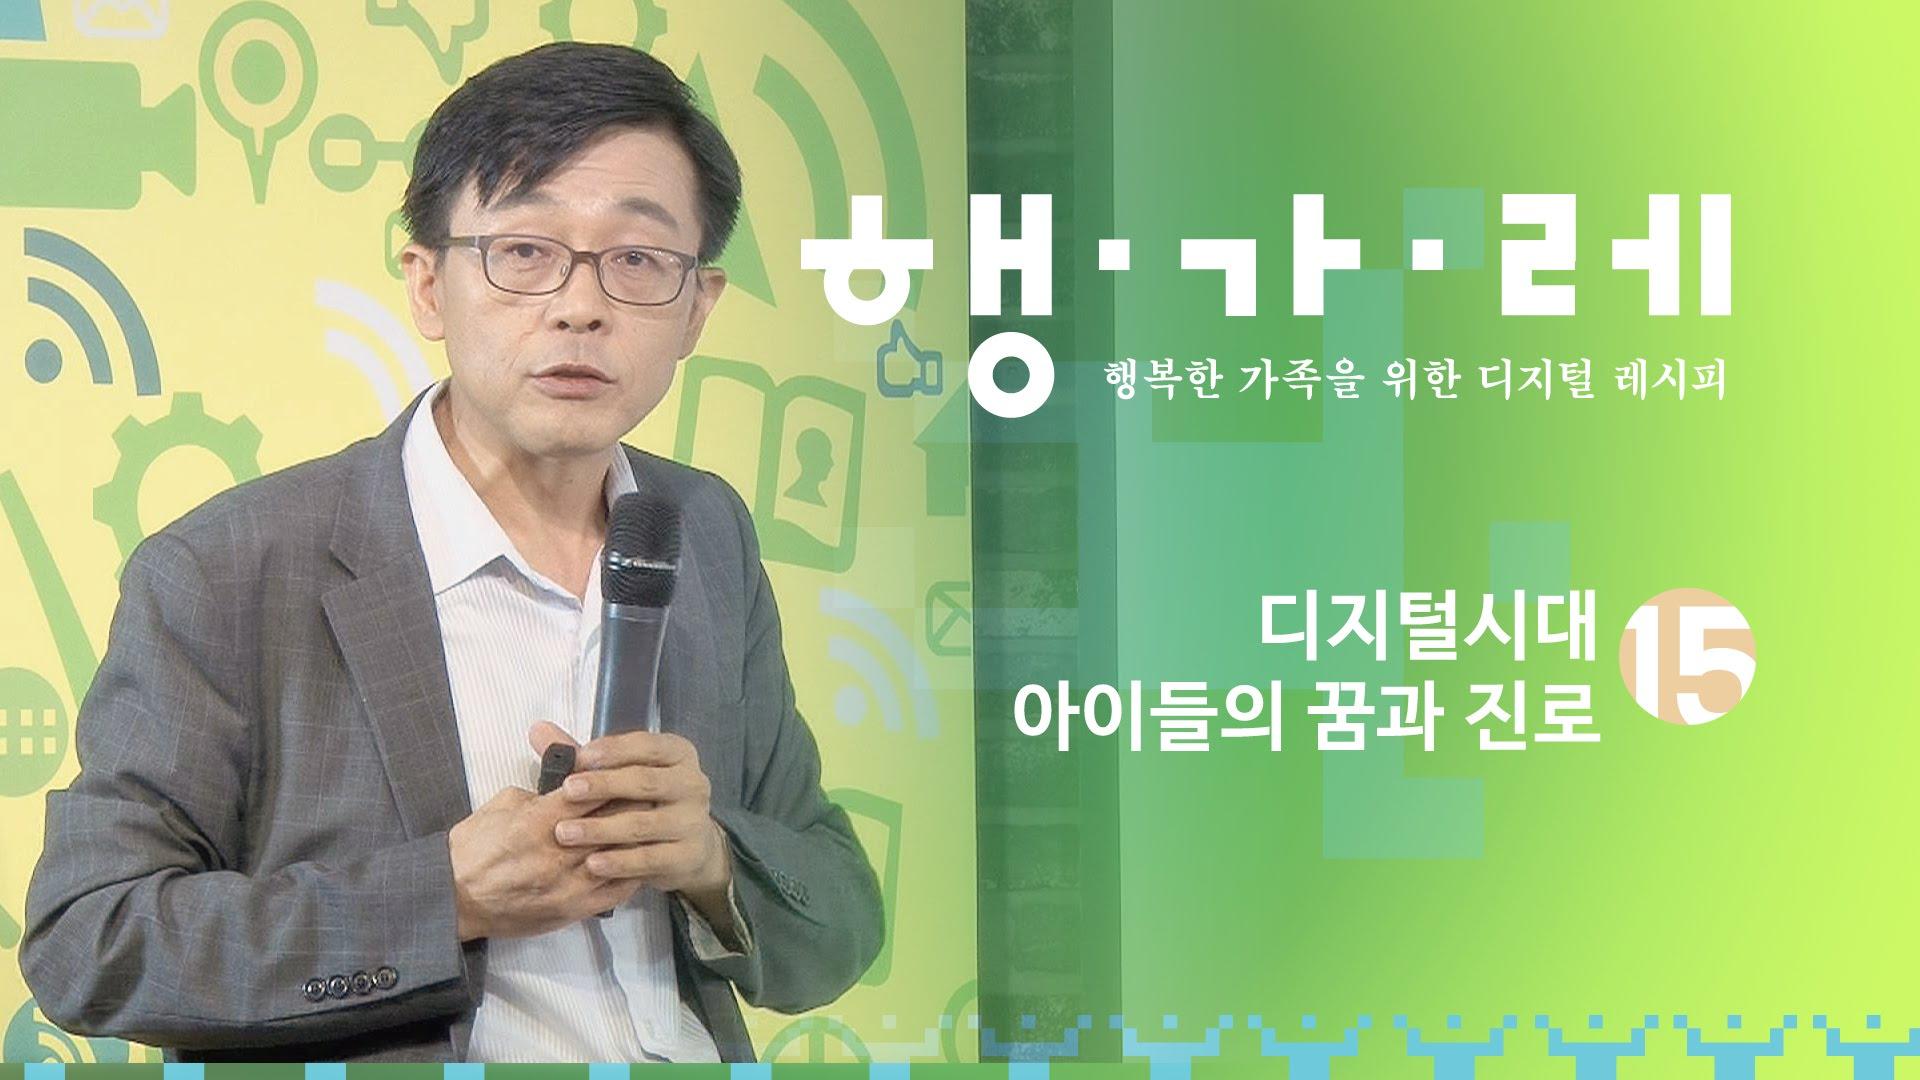 행.가.레#15 디지털시대아이들의꿈과진로 – 김승보 한국직업능력개발원 센터장